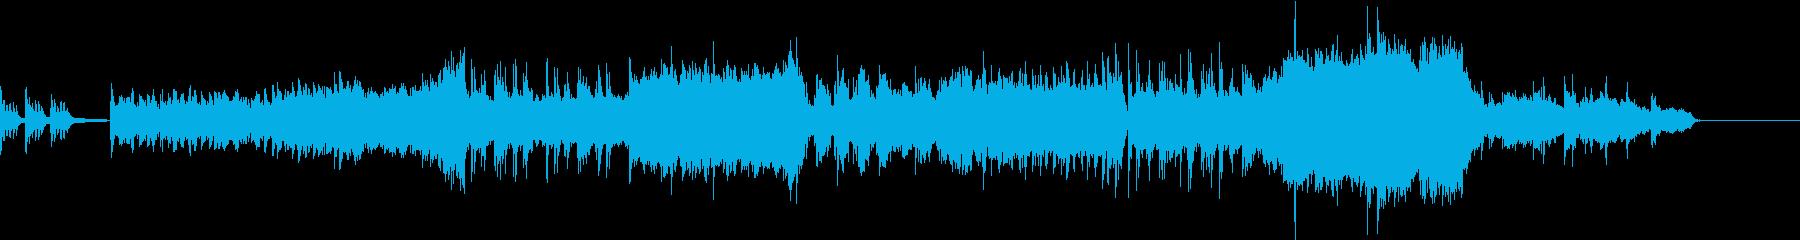 ピアノのメロディが印象的なオーケストラ曲の再生済みの波形